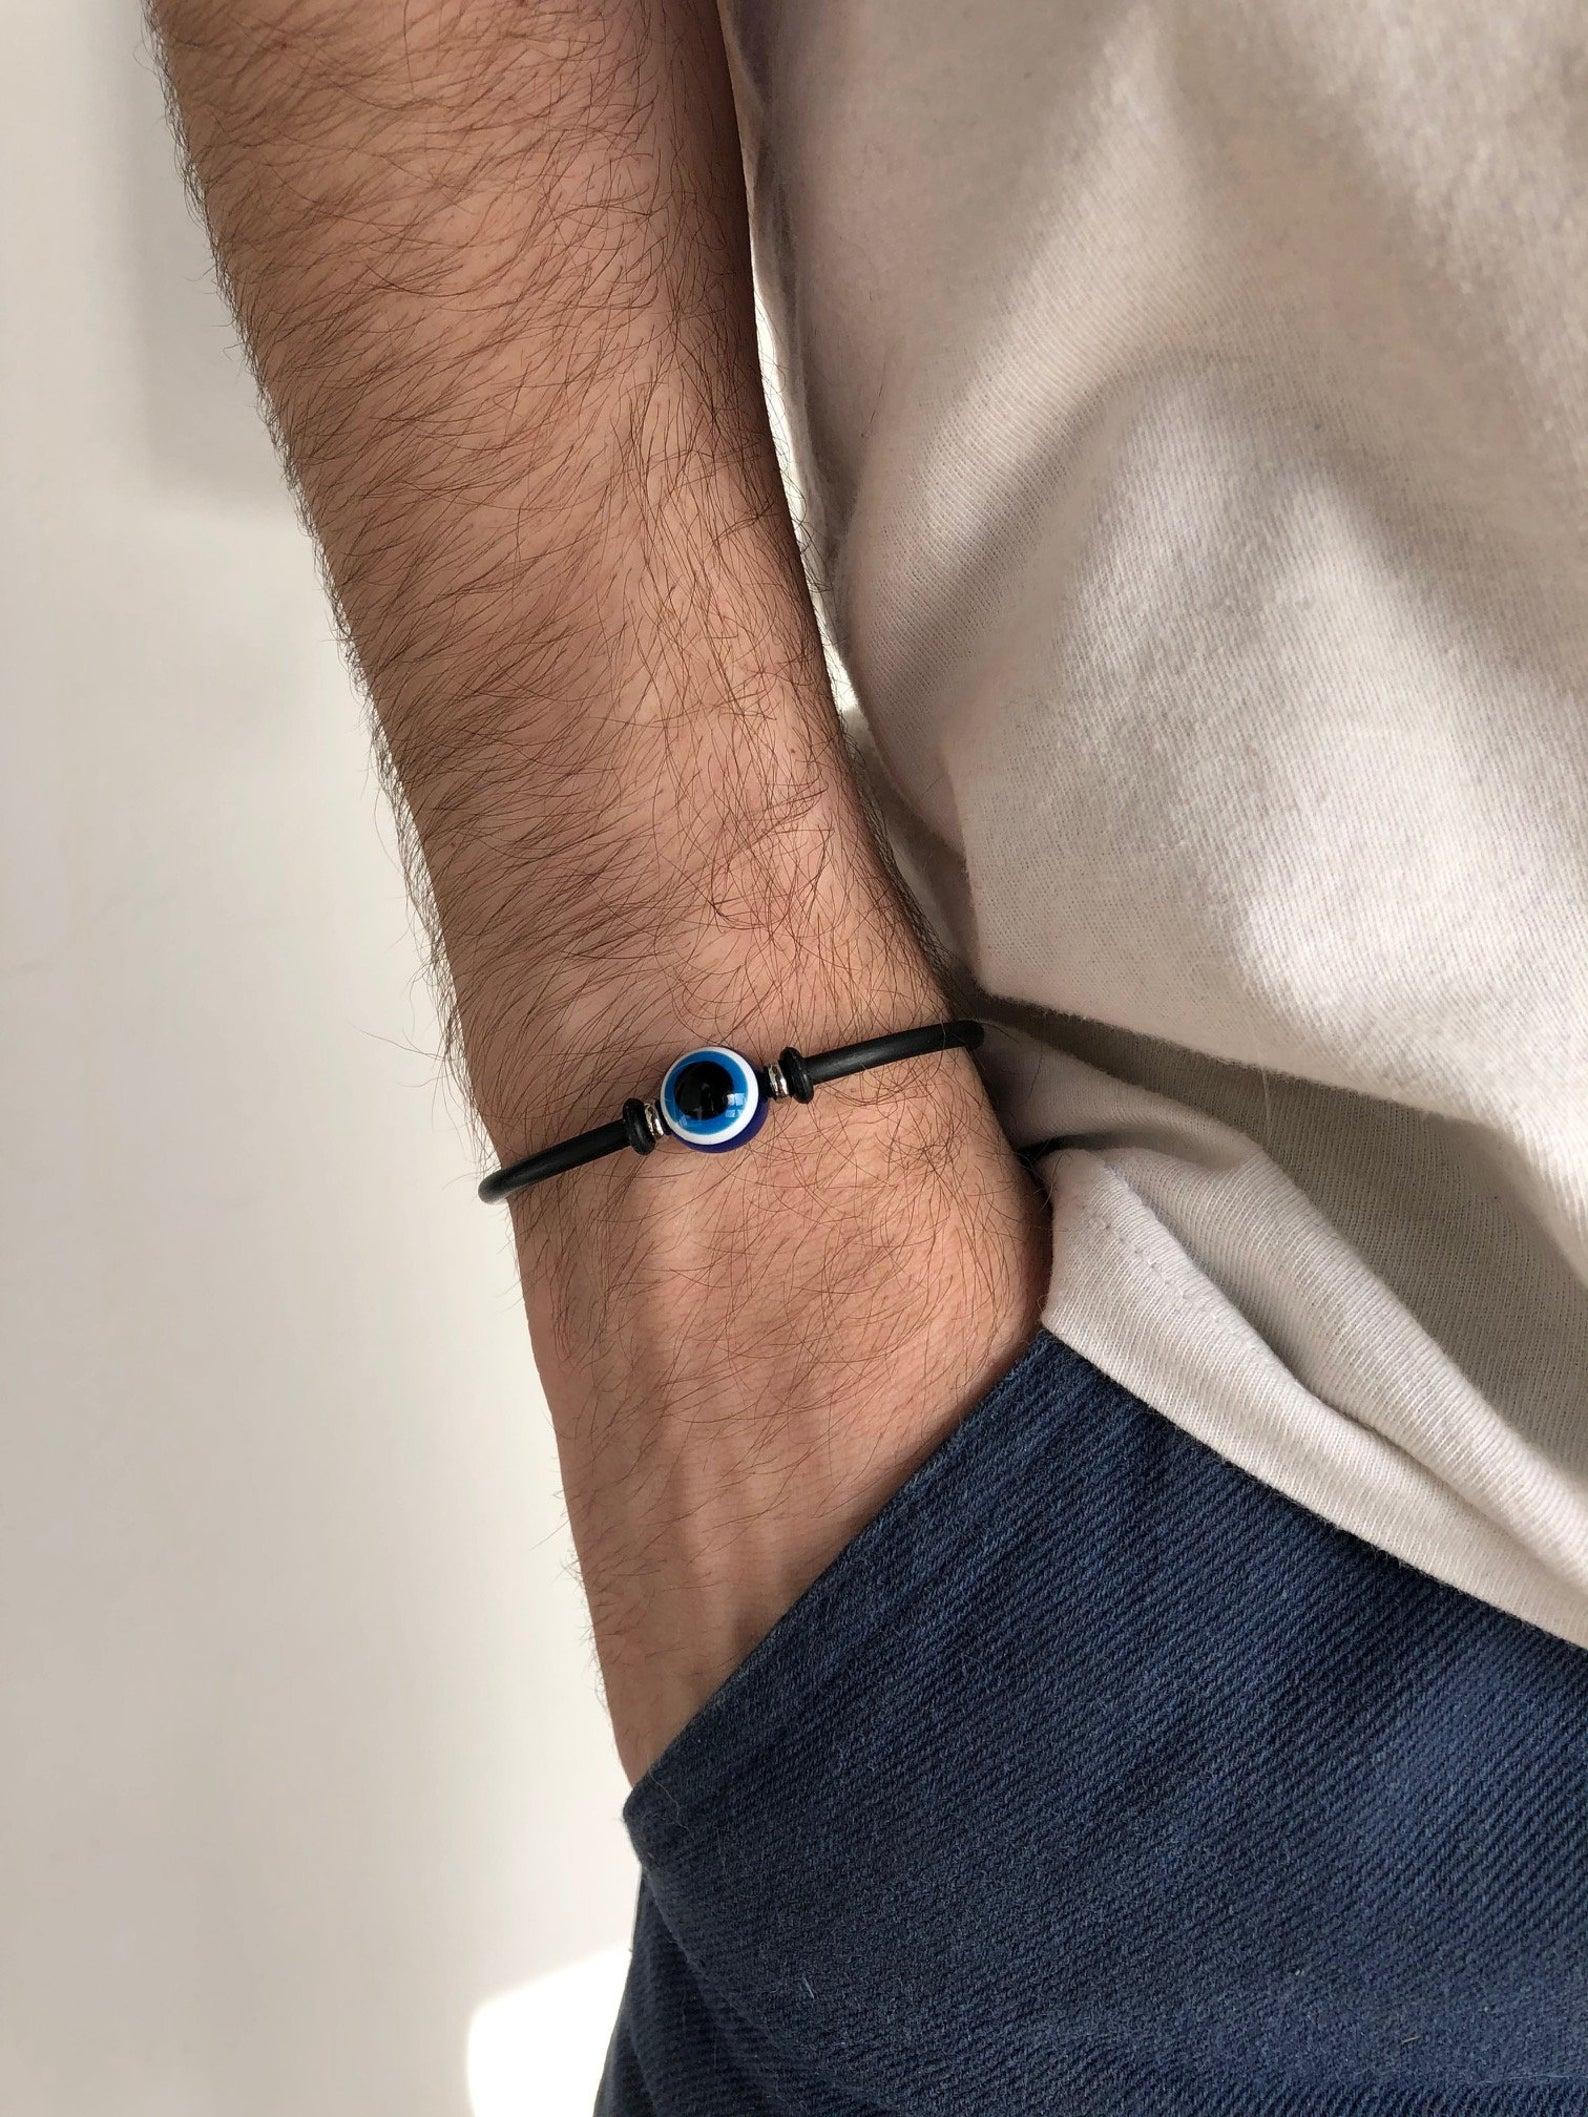 Rubber evil eye bracelet